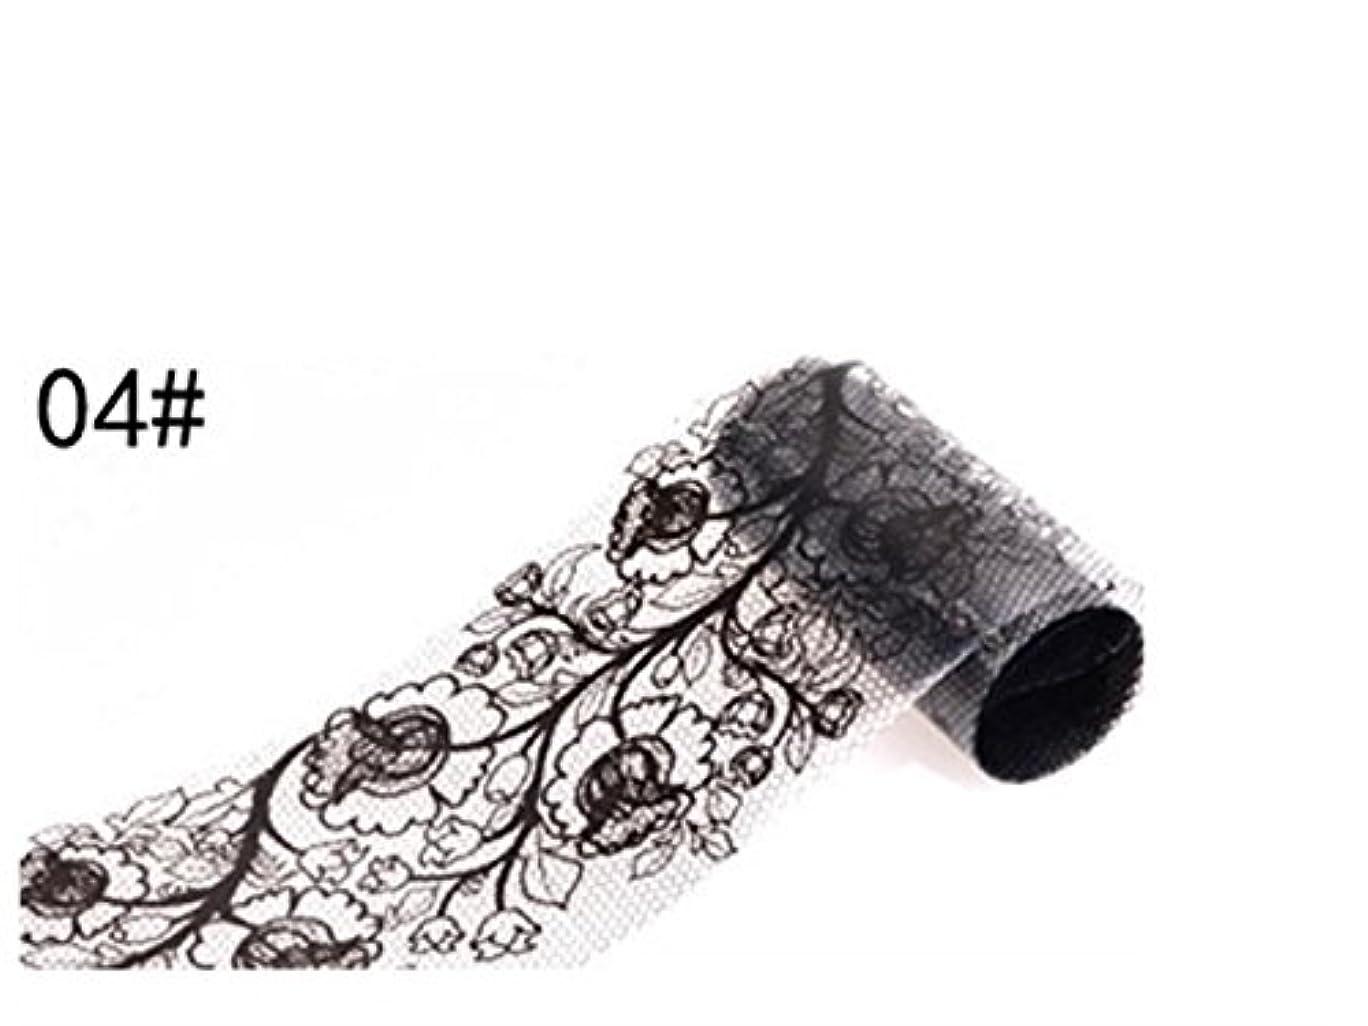 ブリーフケース衰える順番Osize ブラックレースのデザインネイルアートステッカーデカールネイルチップのデコレーションブラックレースの花転写箔ネイルアートセクシーなデザインのステッカー(ブラック)